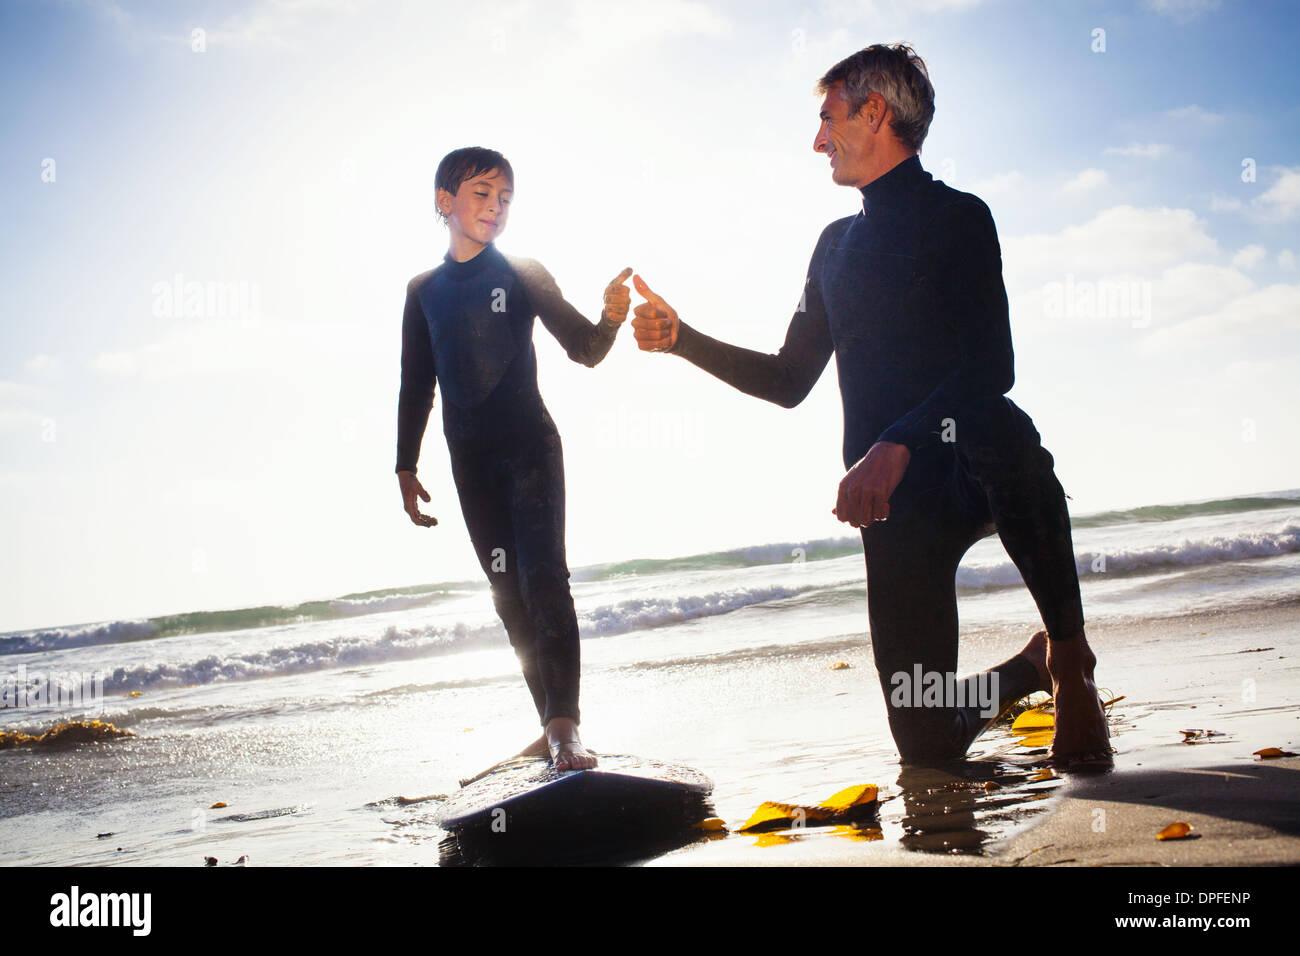 Vater und Sohn mit Surfbrett am Strand, Encinitas, Kalifornien, USA Stockbild